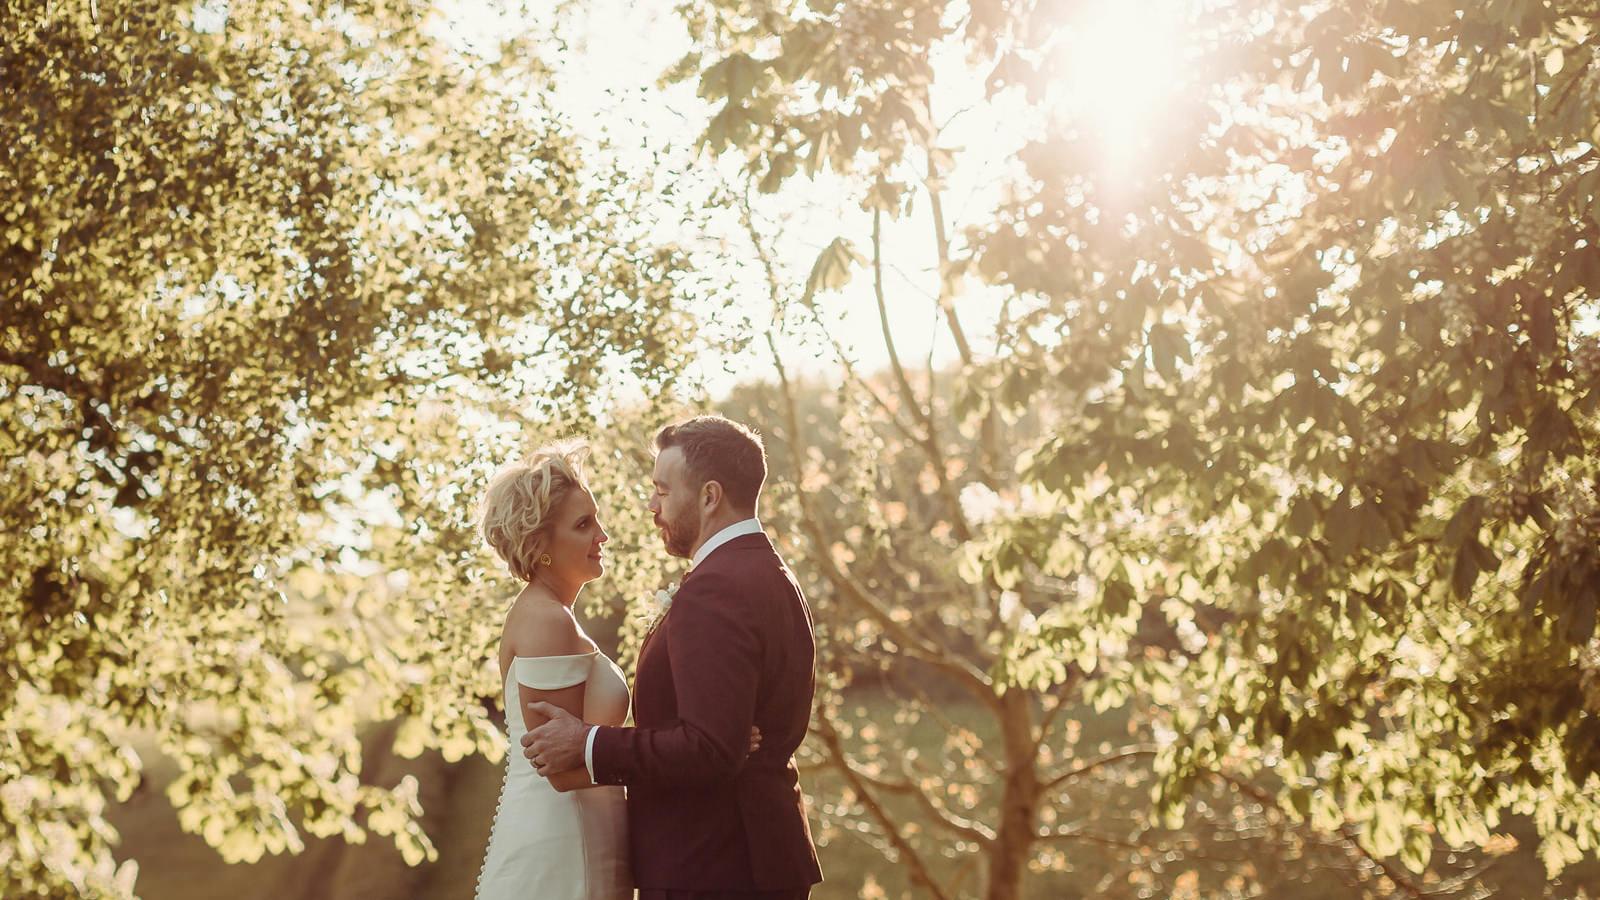 Pauntley Court Wedding Photography